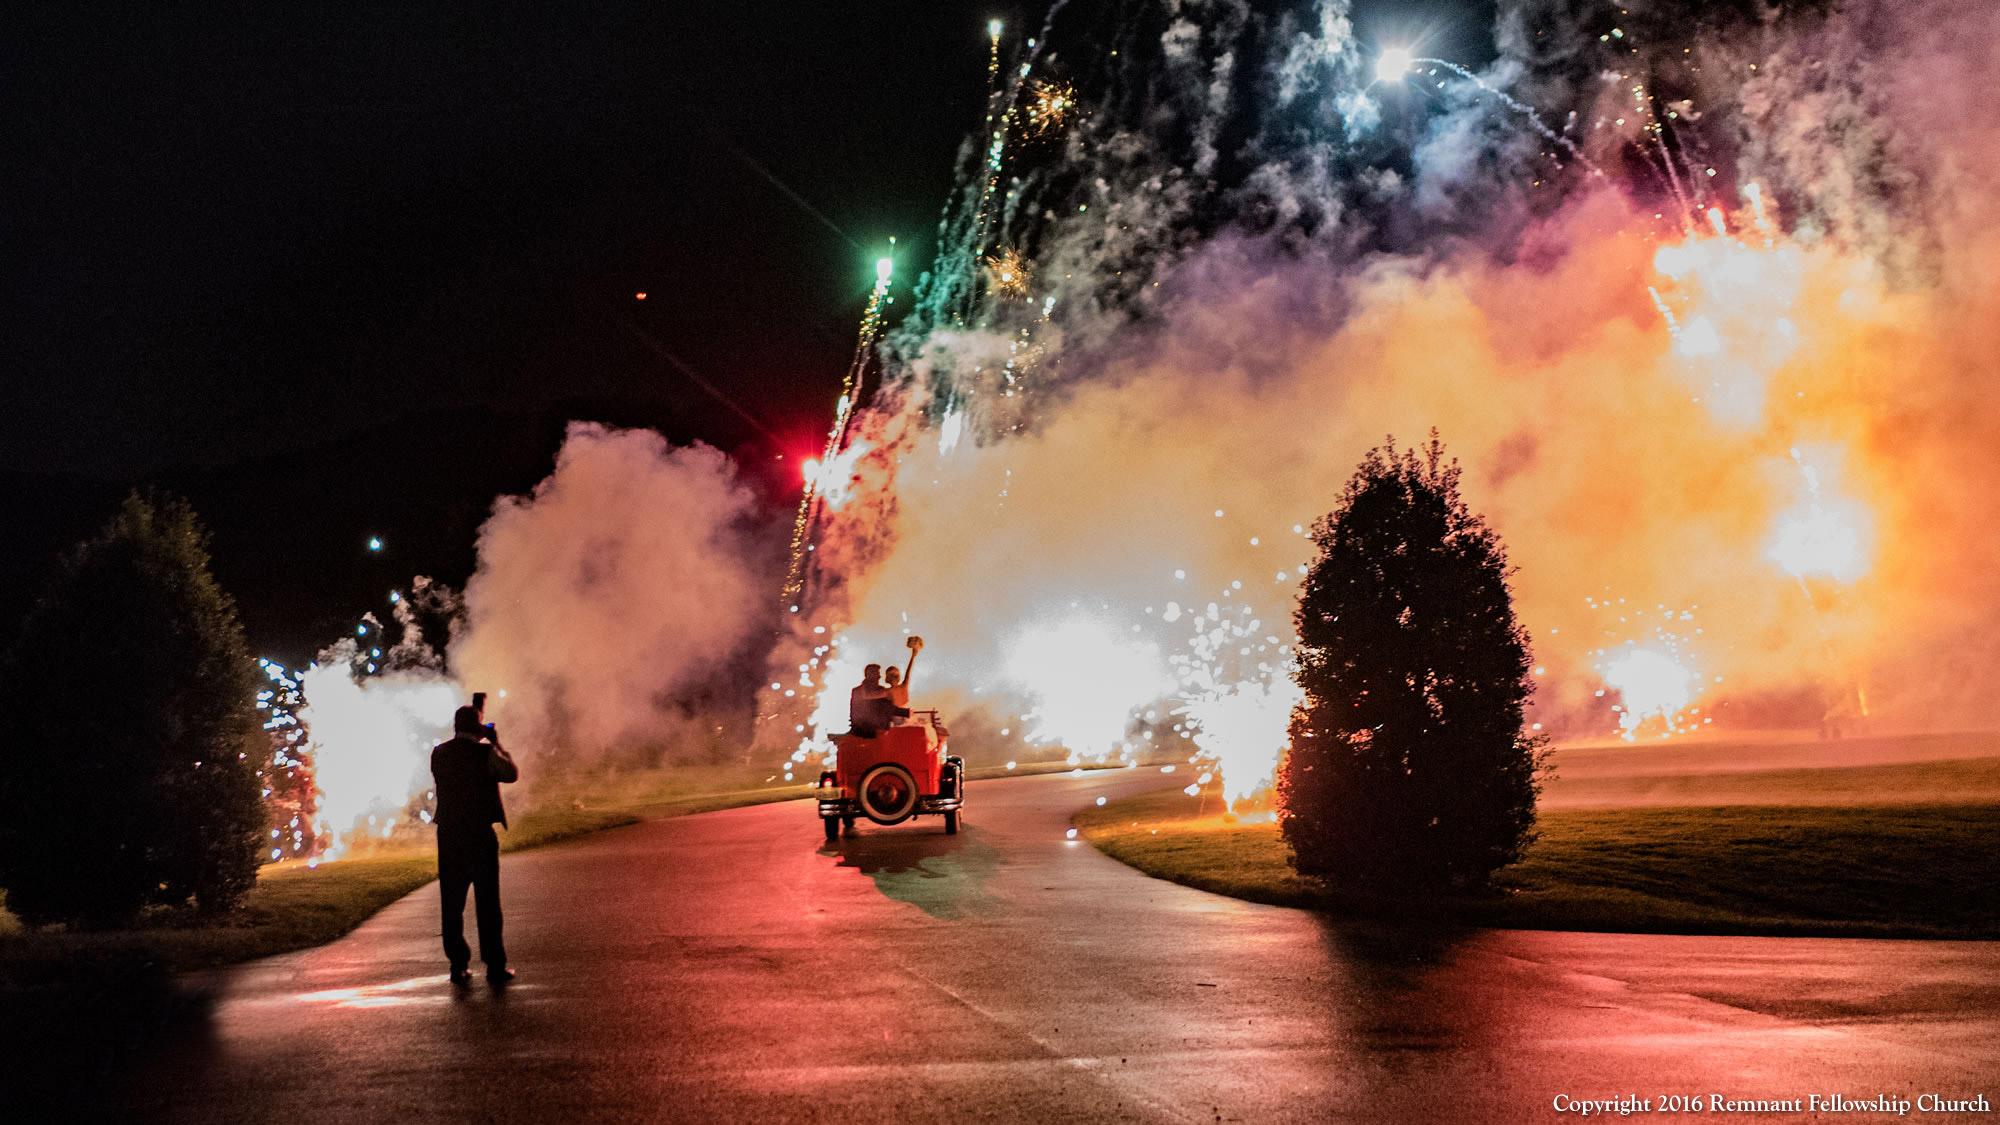 Remnant-Fellowship-Wedding-Langsdon-Travis-fireworks